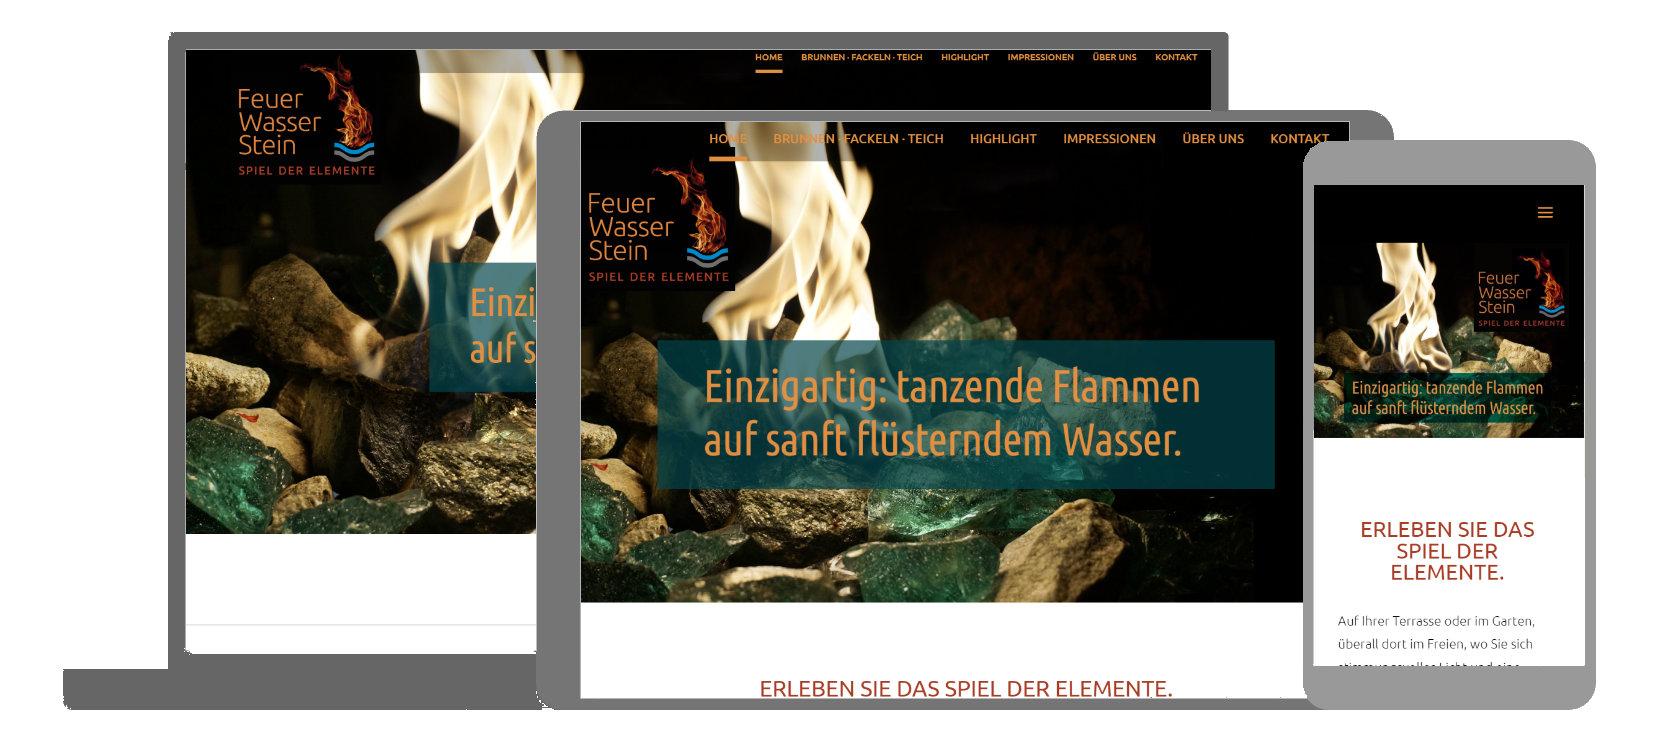 FeuerWasserStein